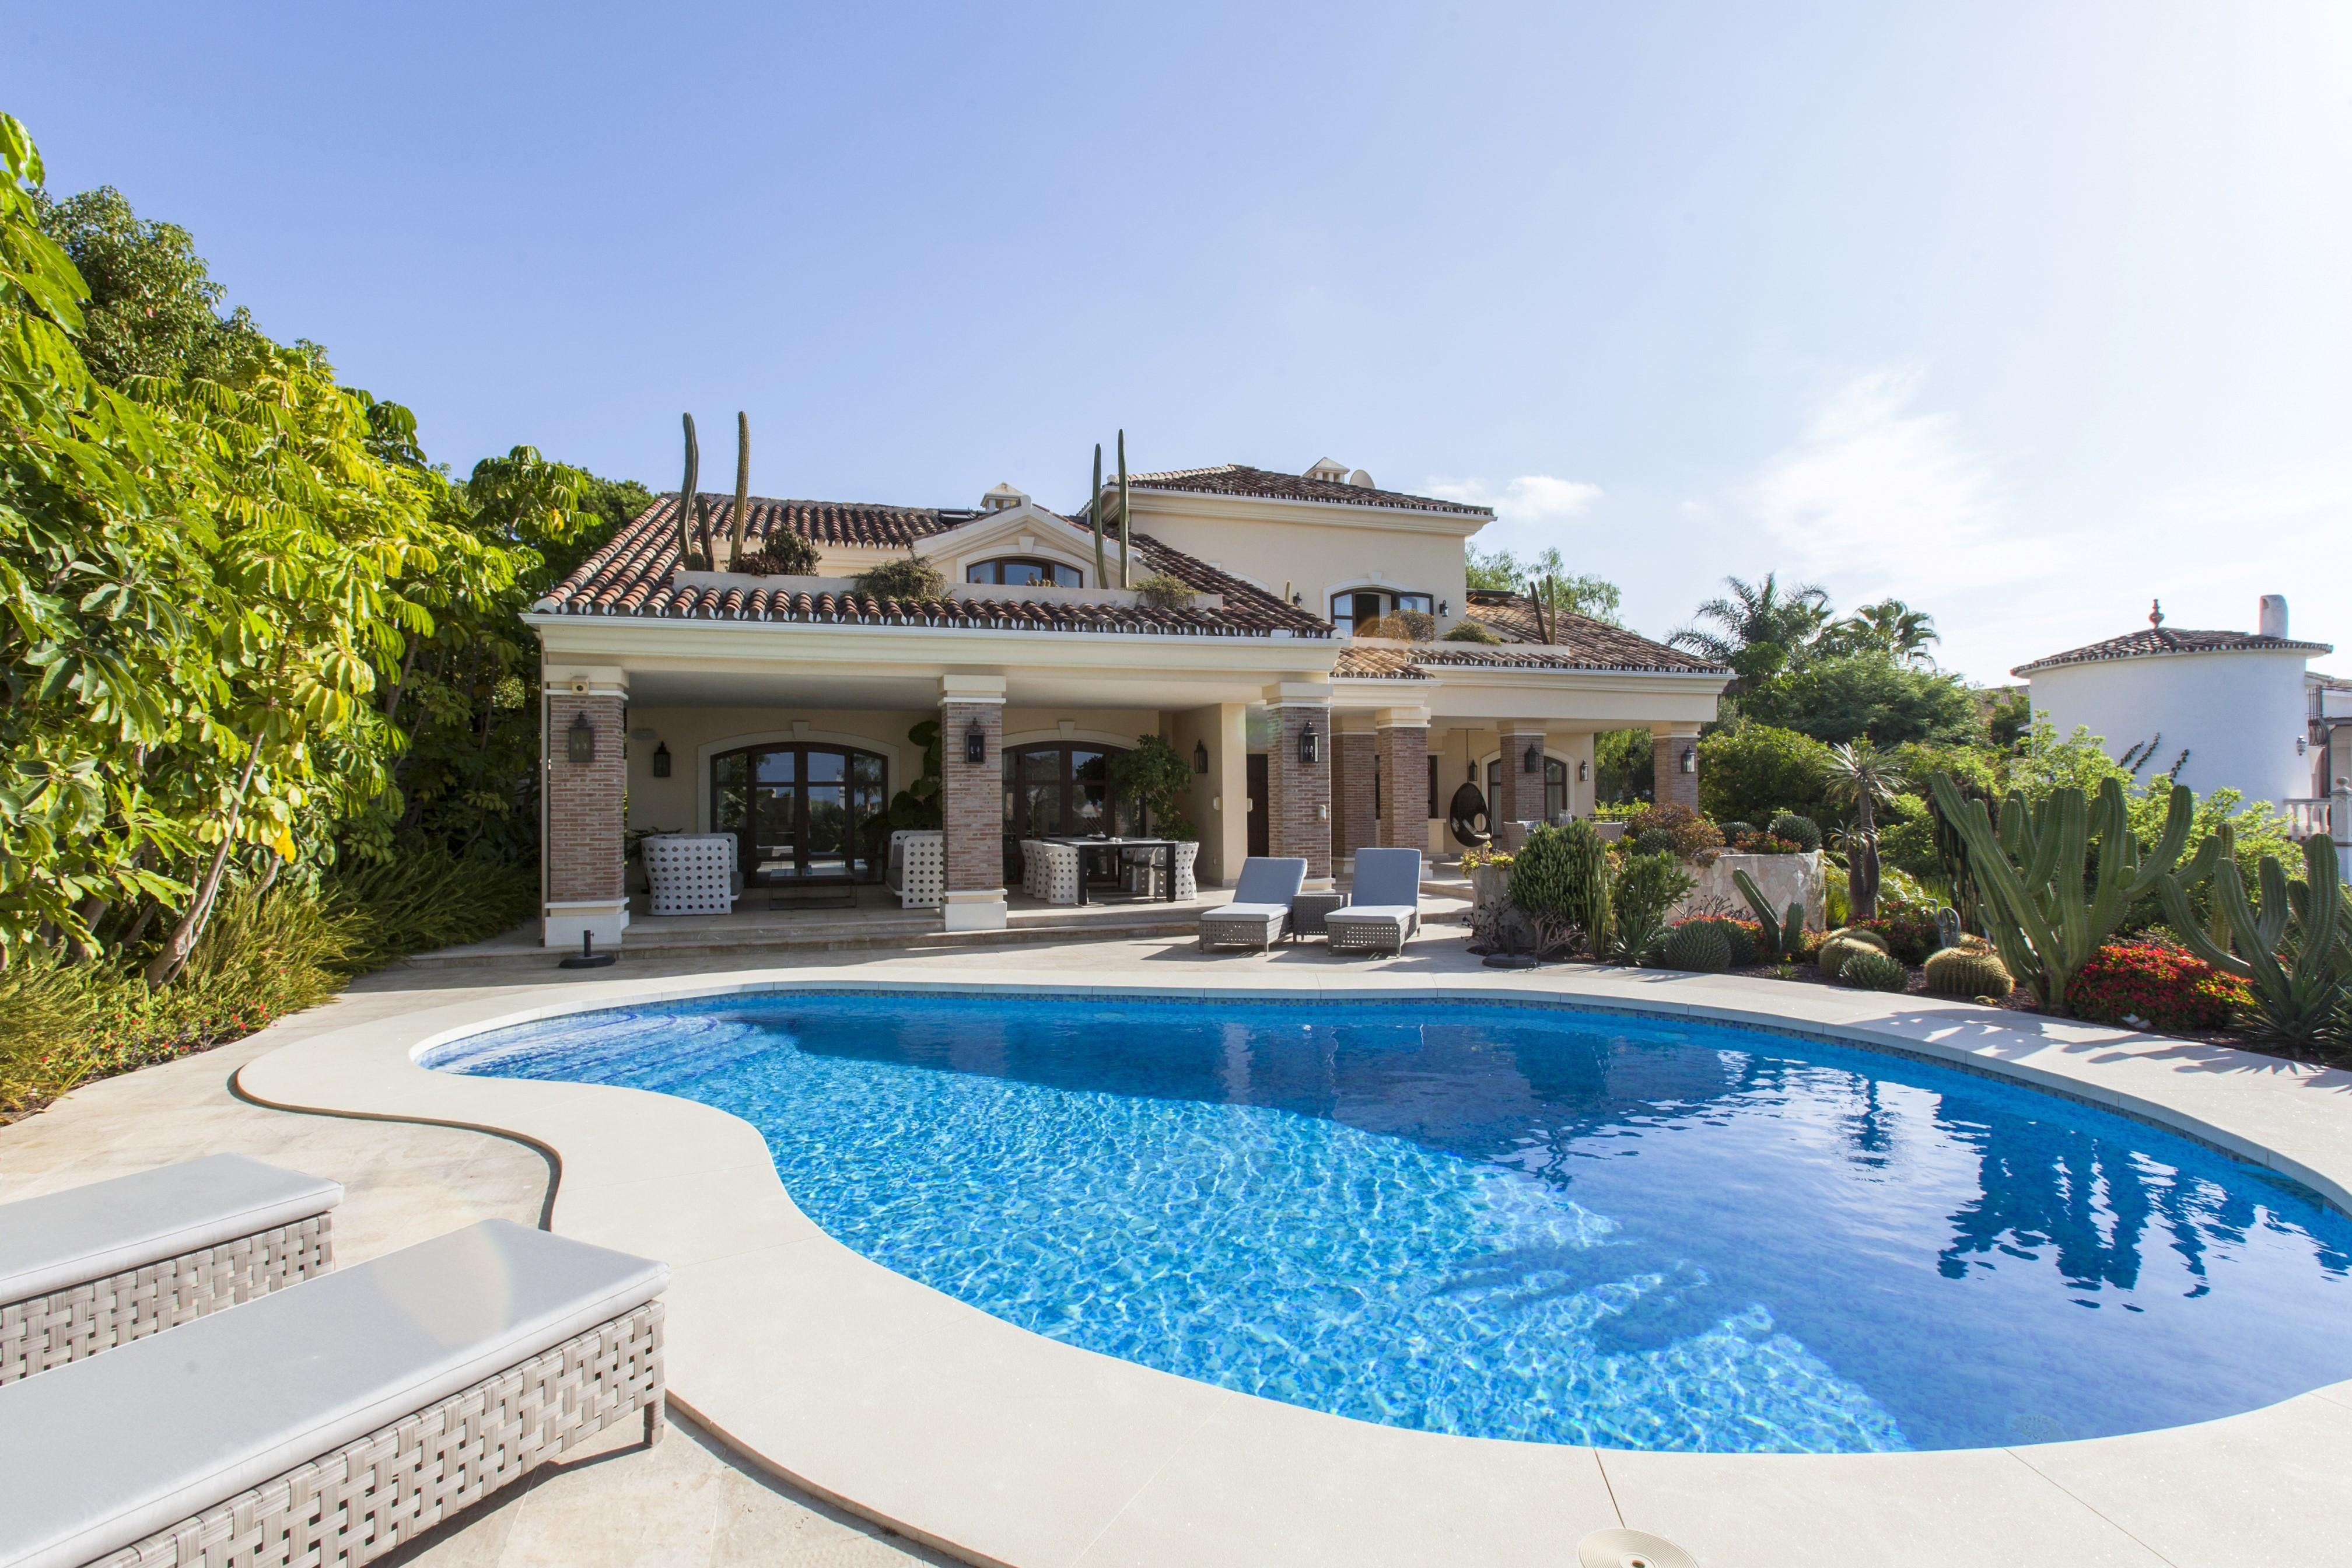 El encanto de las propiedades ubicadas al este de marbella - Diana morales inmobiliaria ...